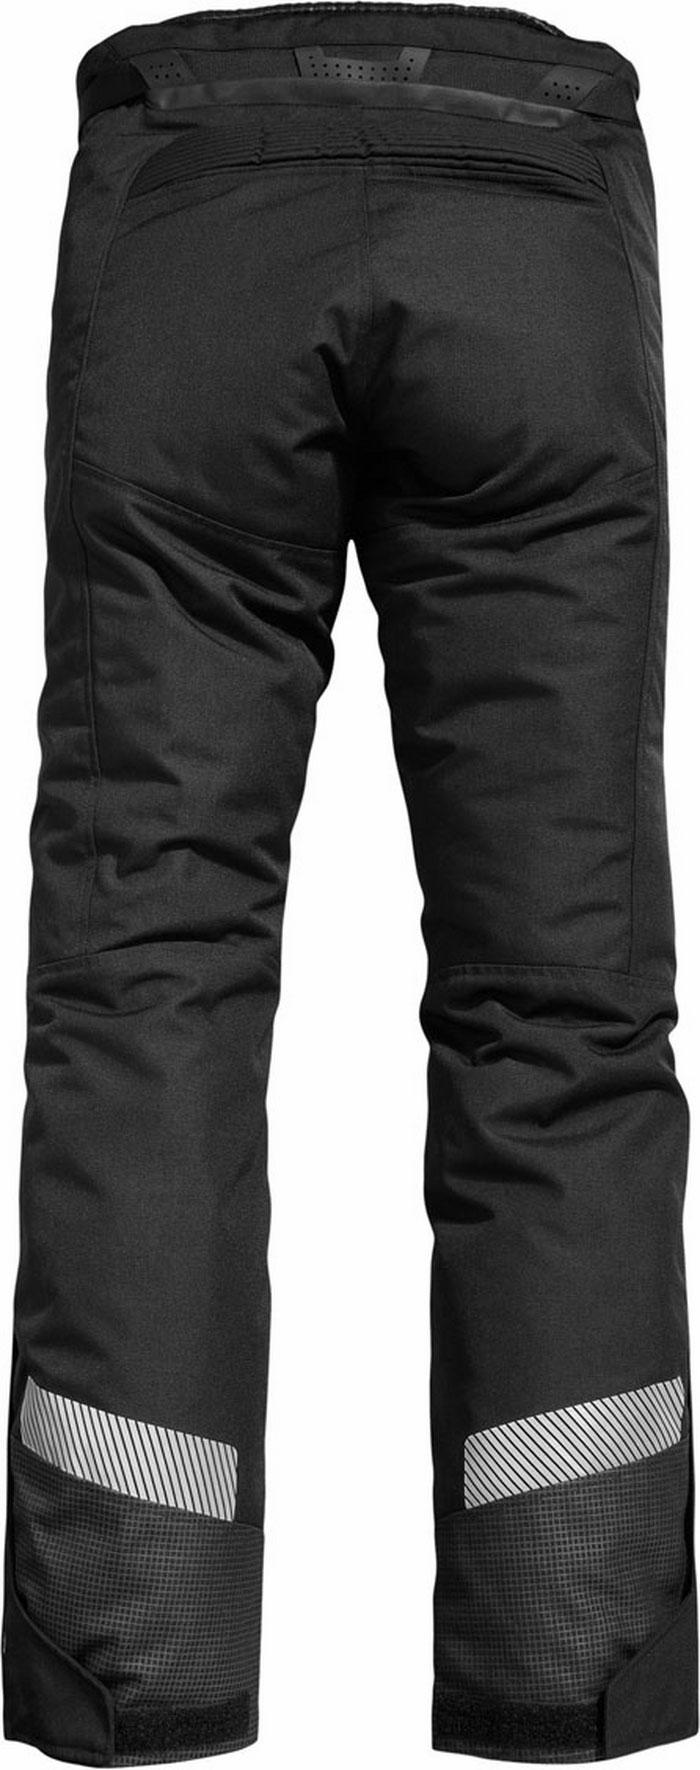 Trousers Rev'it Legacy GTX - Long